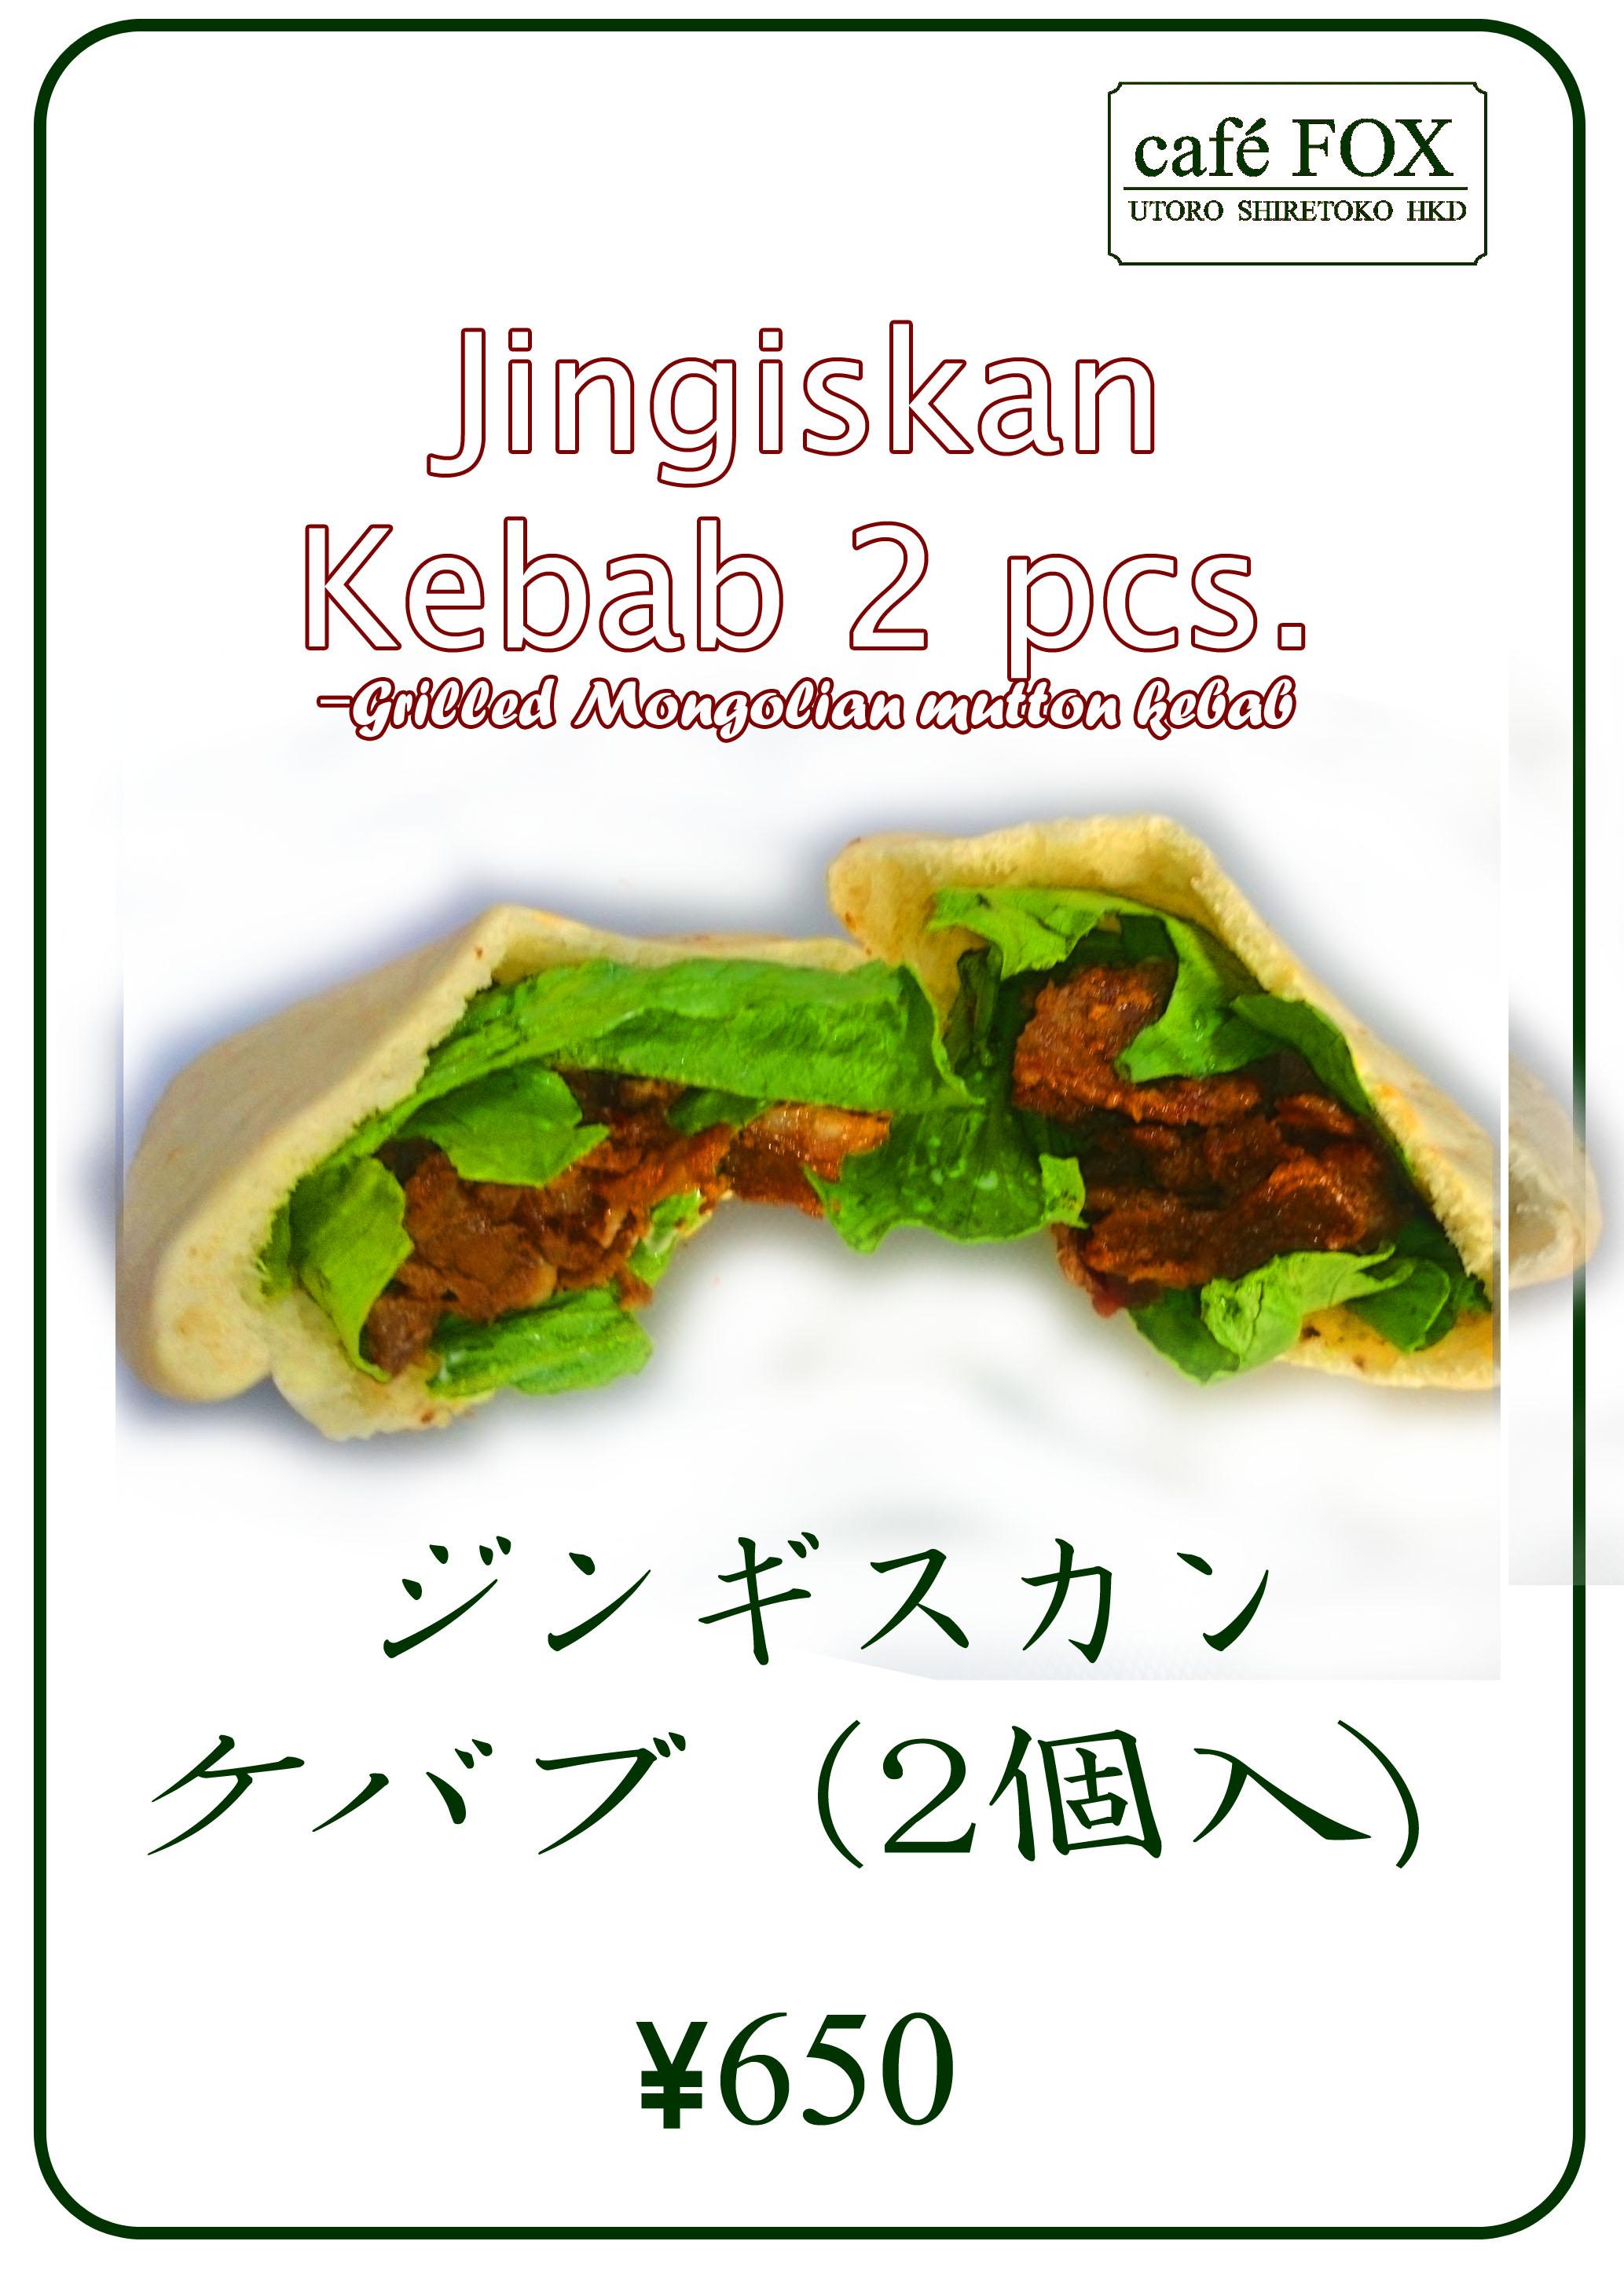 Kebab - Shiretoko, Hokkaido